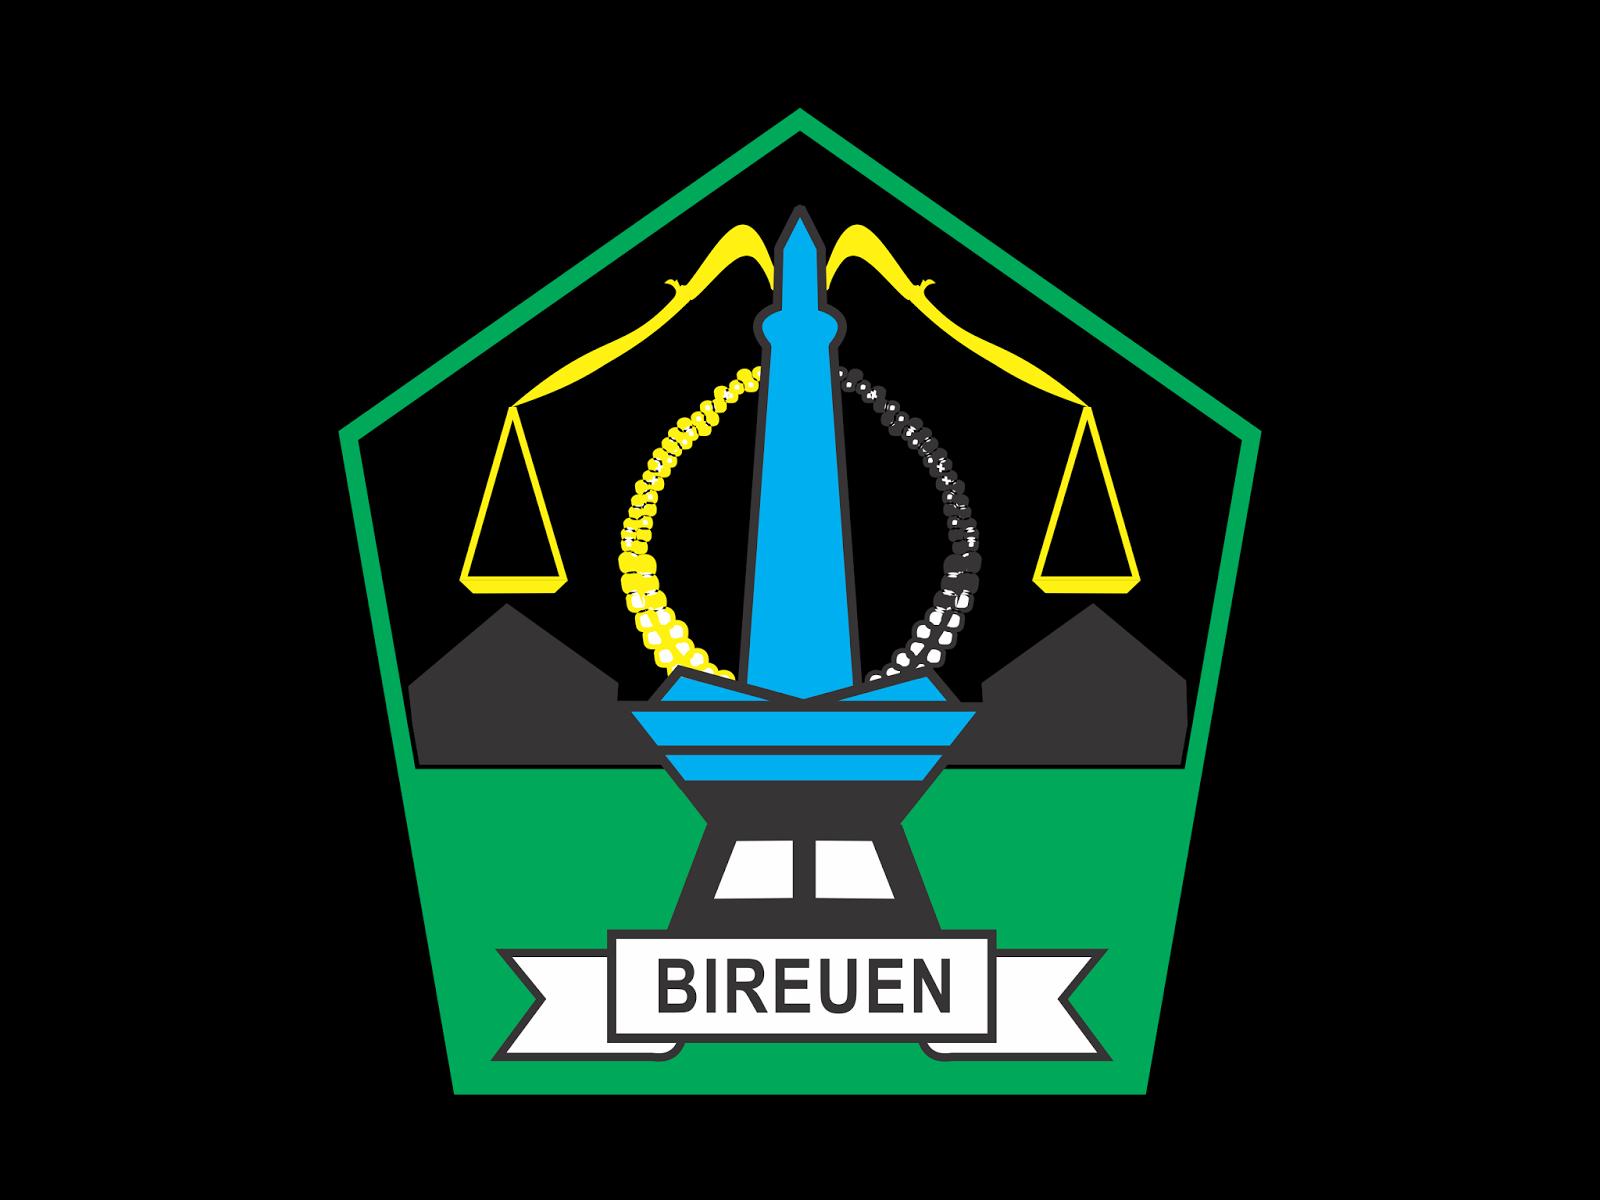 Bireuen